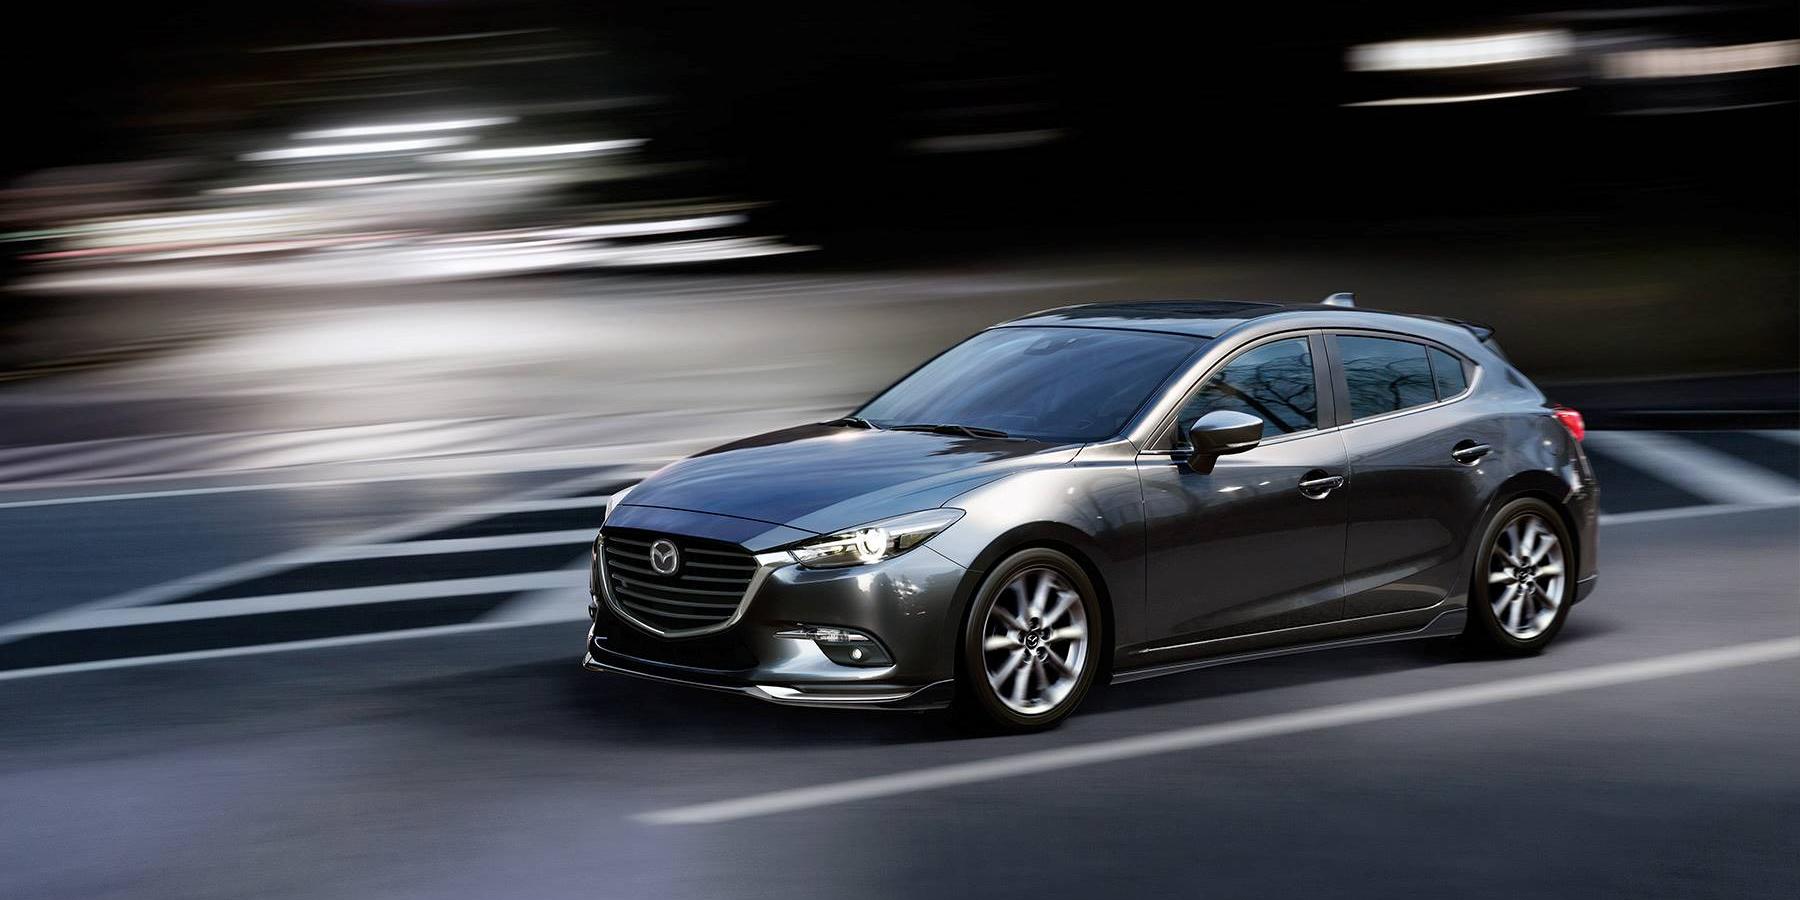 2018 Mazda Mazda3 5 Door Hatchback